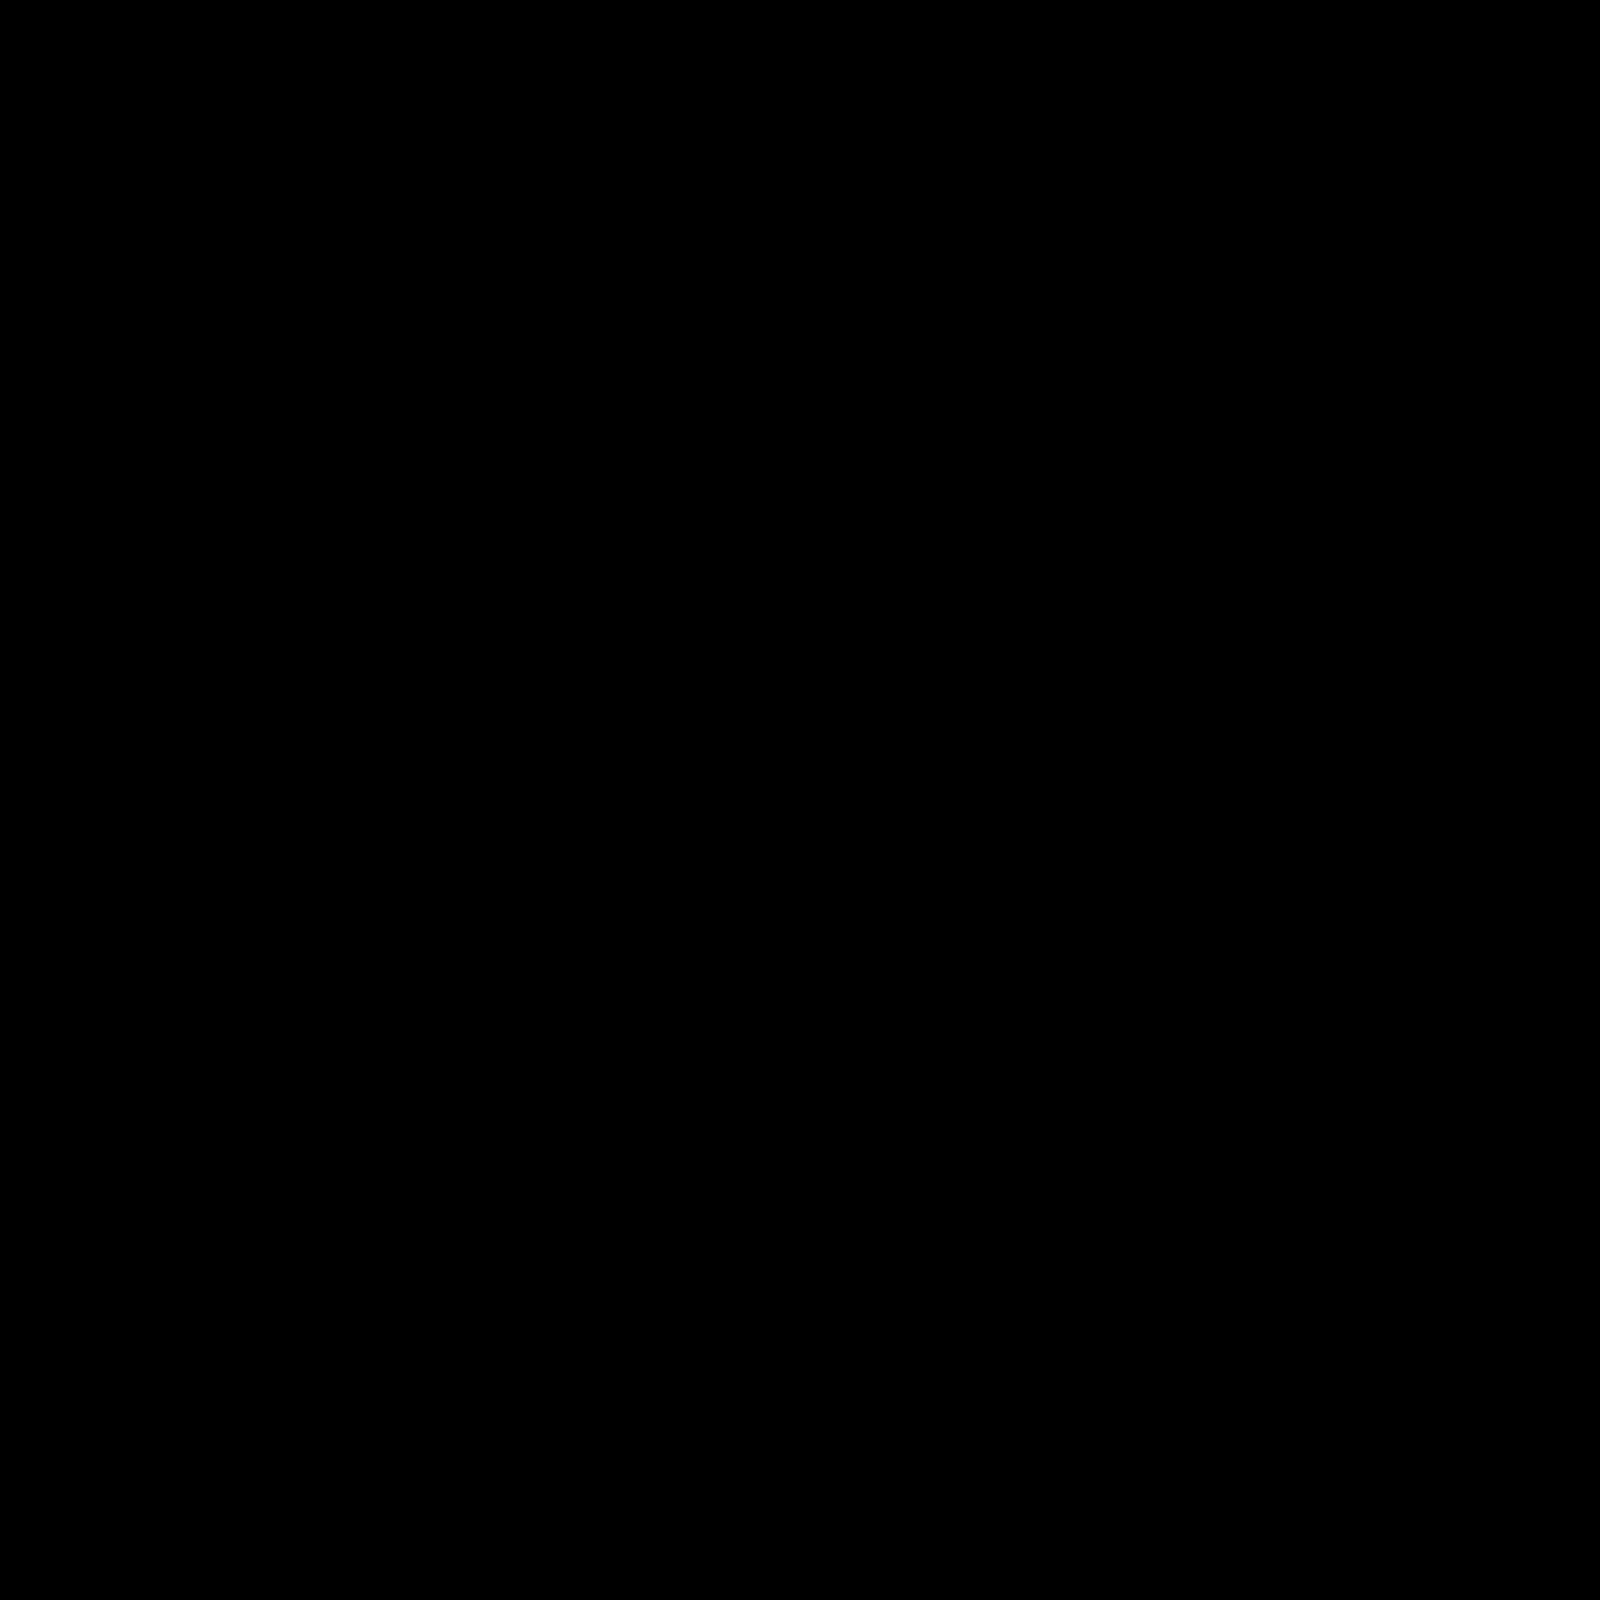 男性间谍 icon. The icon depicts a male dressed in a trench coat. The collar of the coat has been flipped up to obscure his face from the side. The figure shown is also wearing a striped fedora.